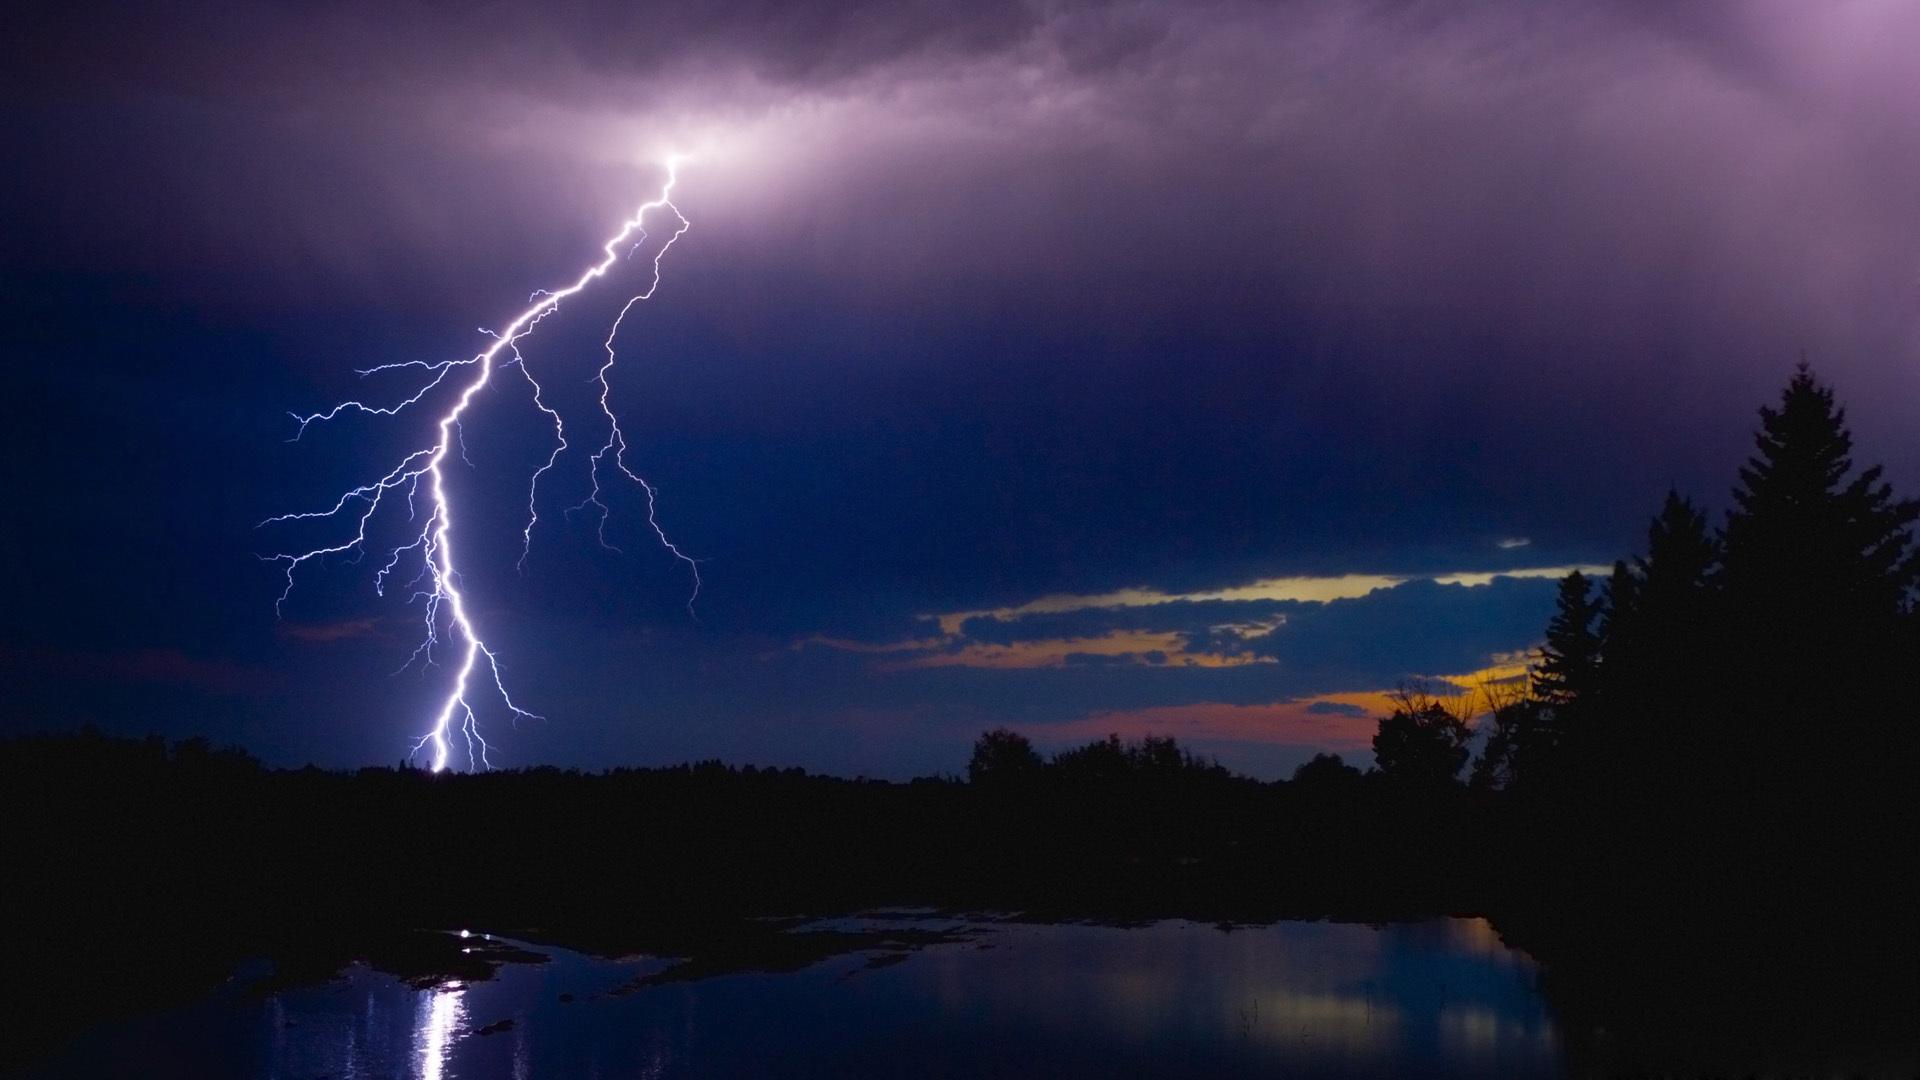 Unduh 650 Koleksi Background Hd Lightning Gratis Terbaru